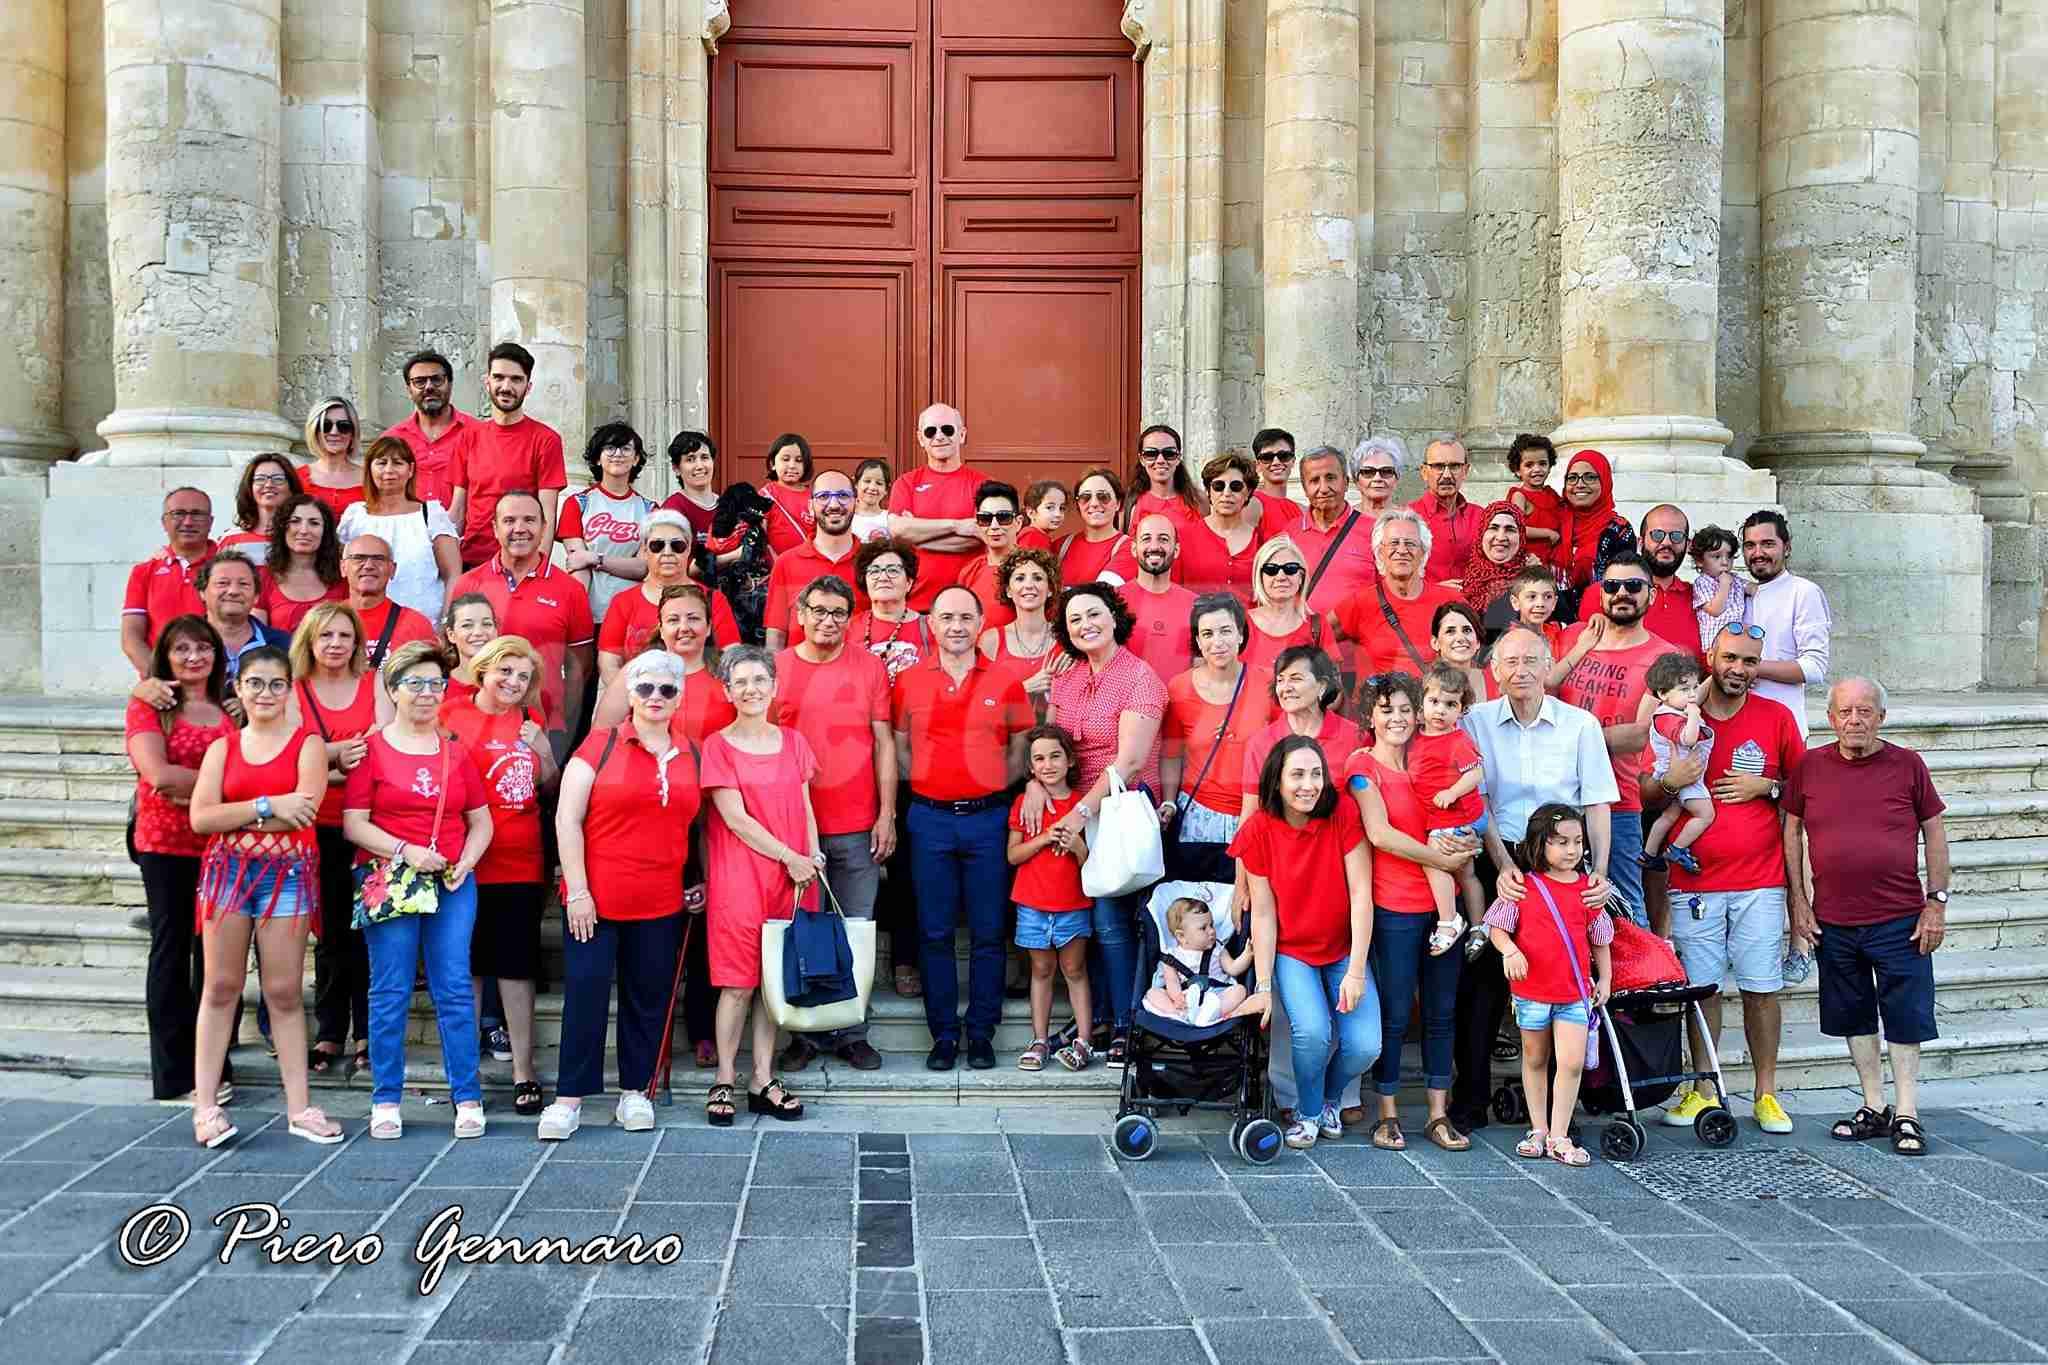 Una maglietta rossa per l'umanità: anche Rosolini risponde